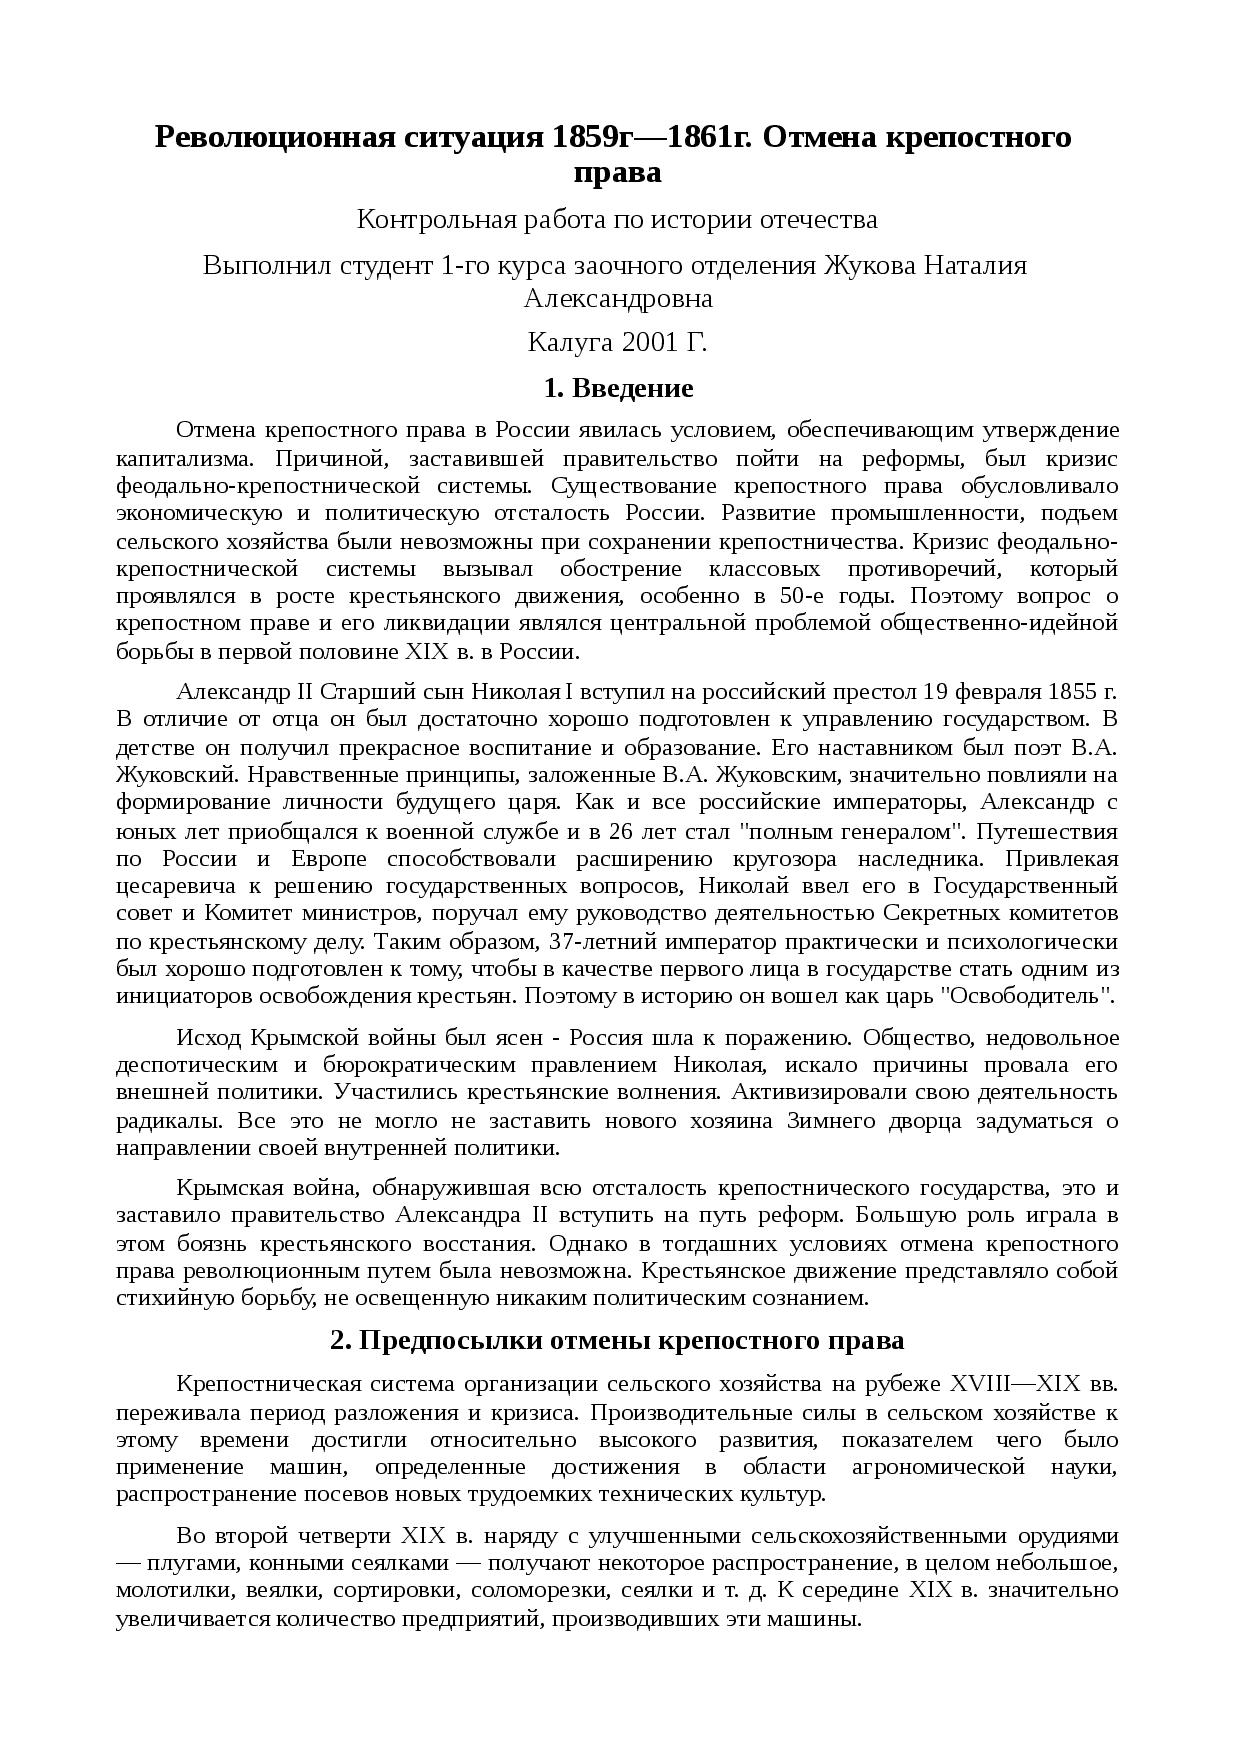 учение о революционной ситуации